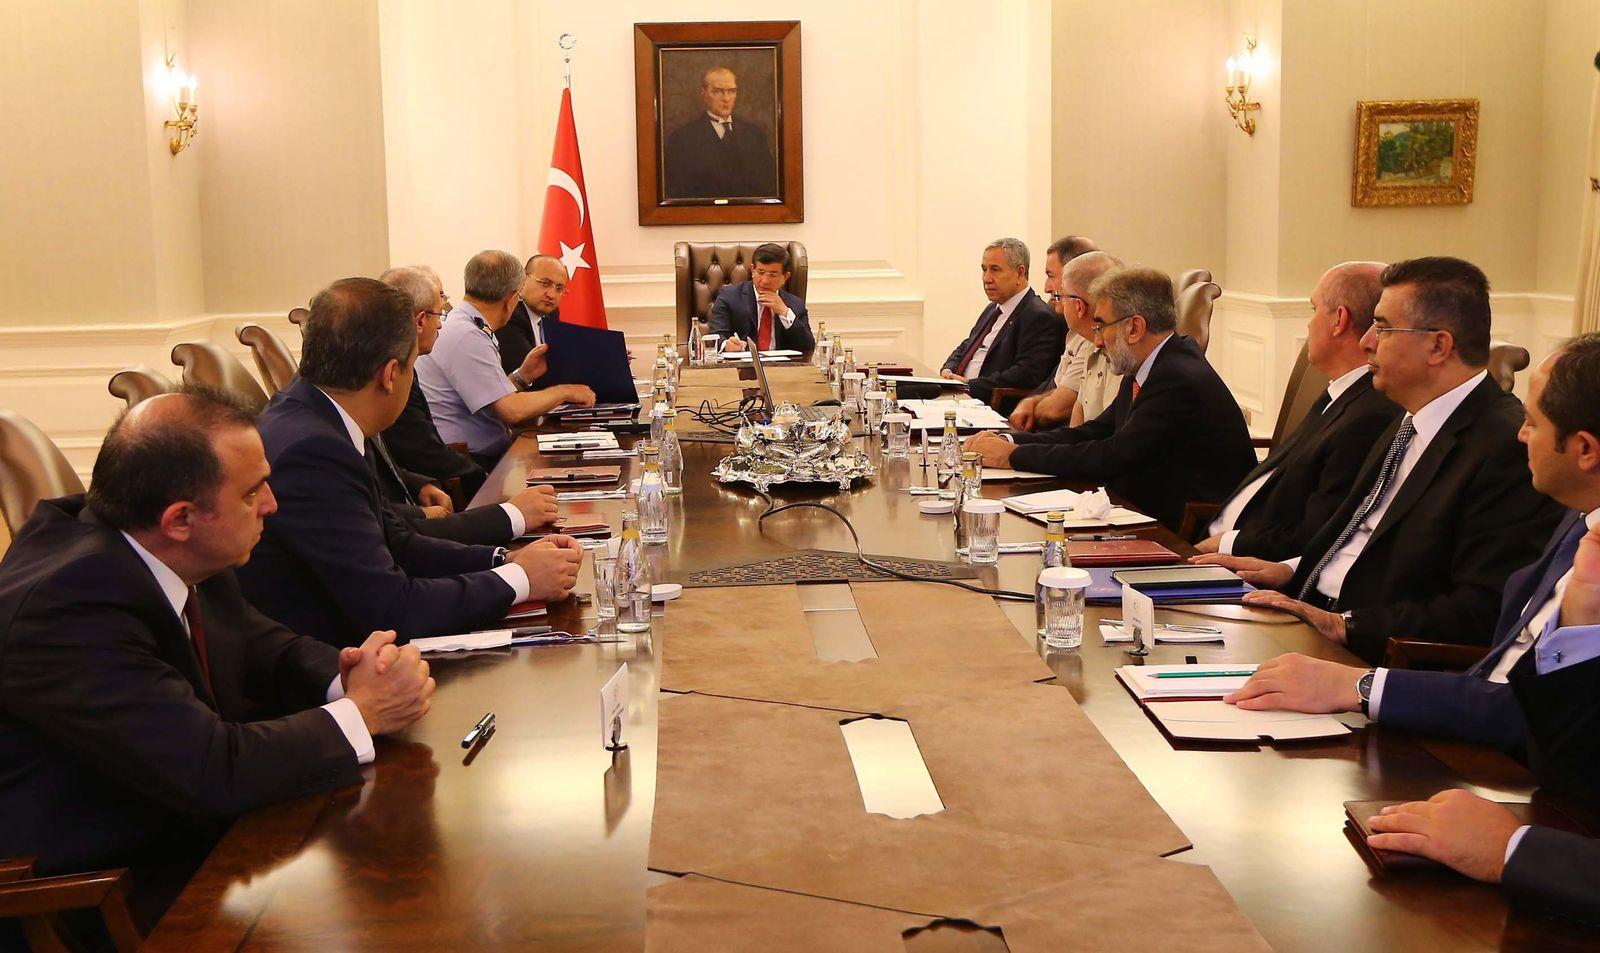 Türkei/ Ankara/ Sicherheitstreffen/ Ahmet Davutoglu